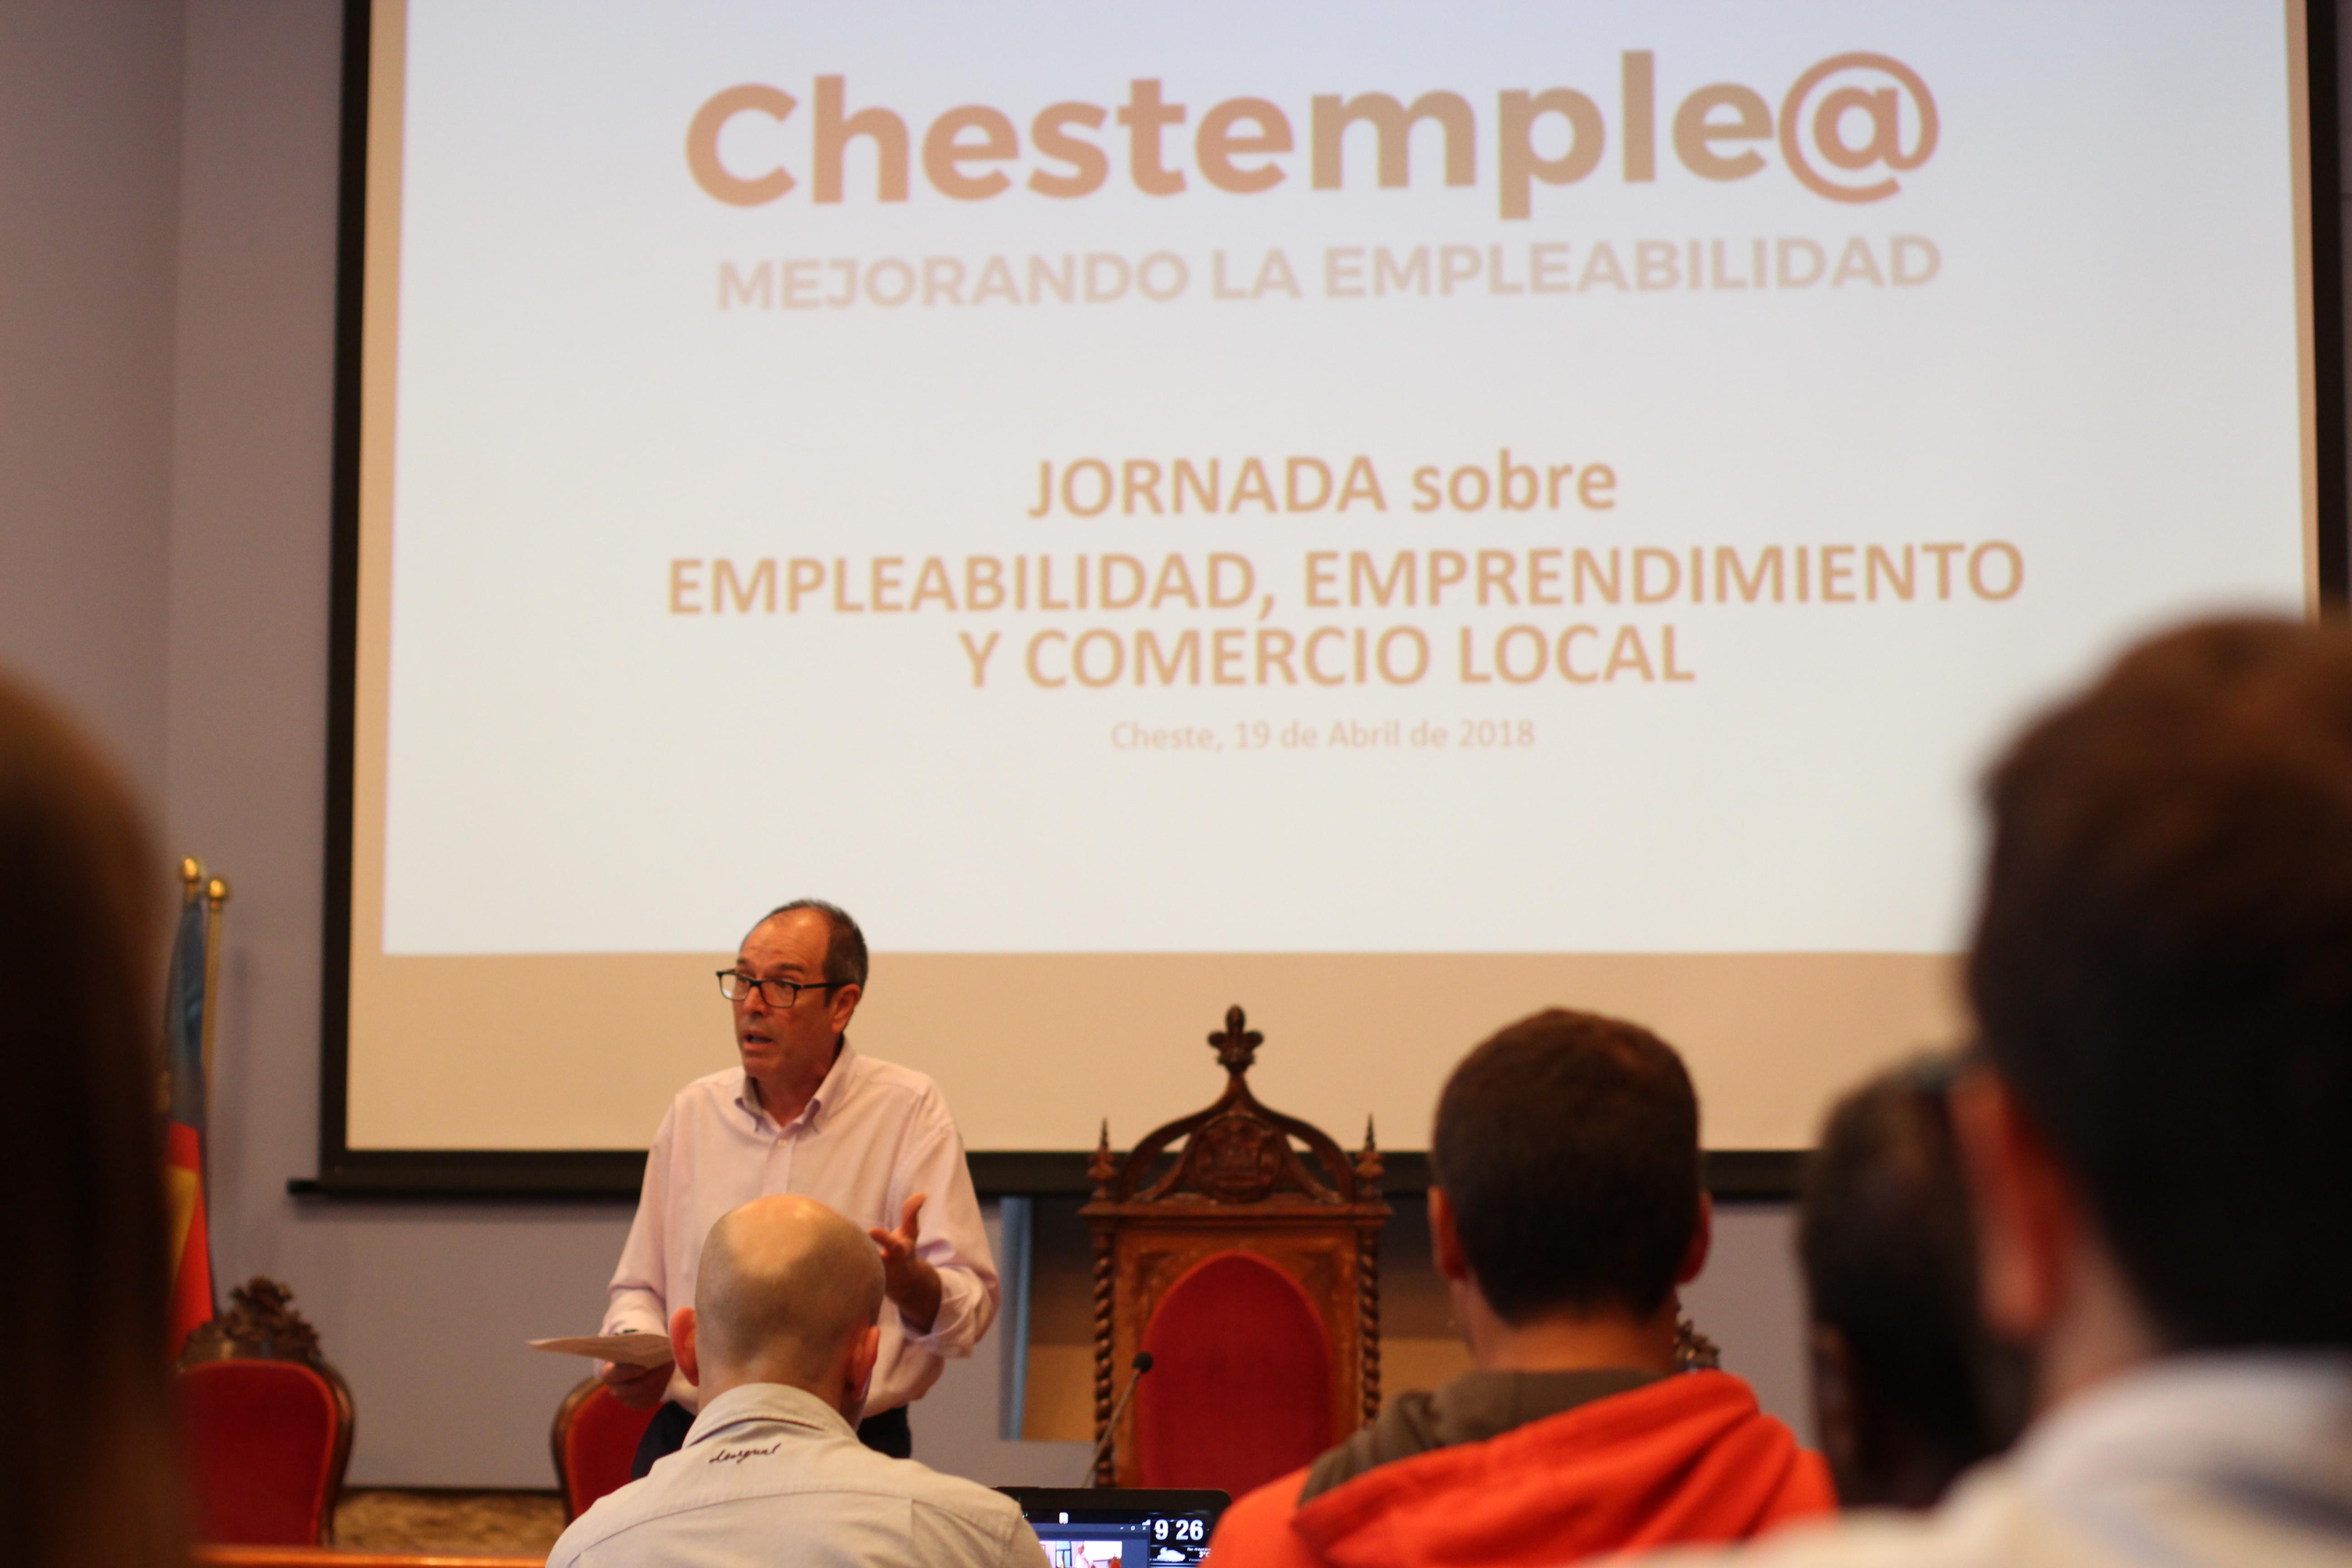 El salón de plenos del Ayuntamiento de Cheste acogió la presentación de los objetivos del Plan Integral de Empleo municipal 'Chestemple@.